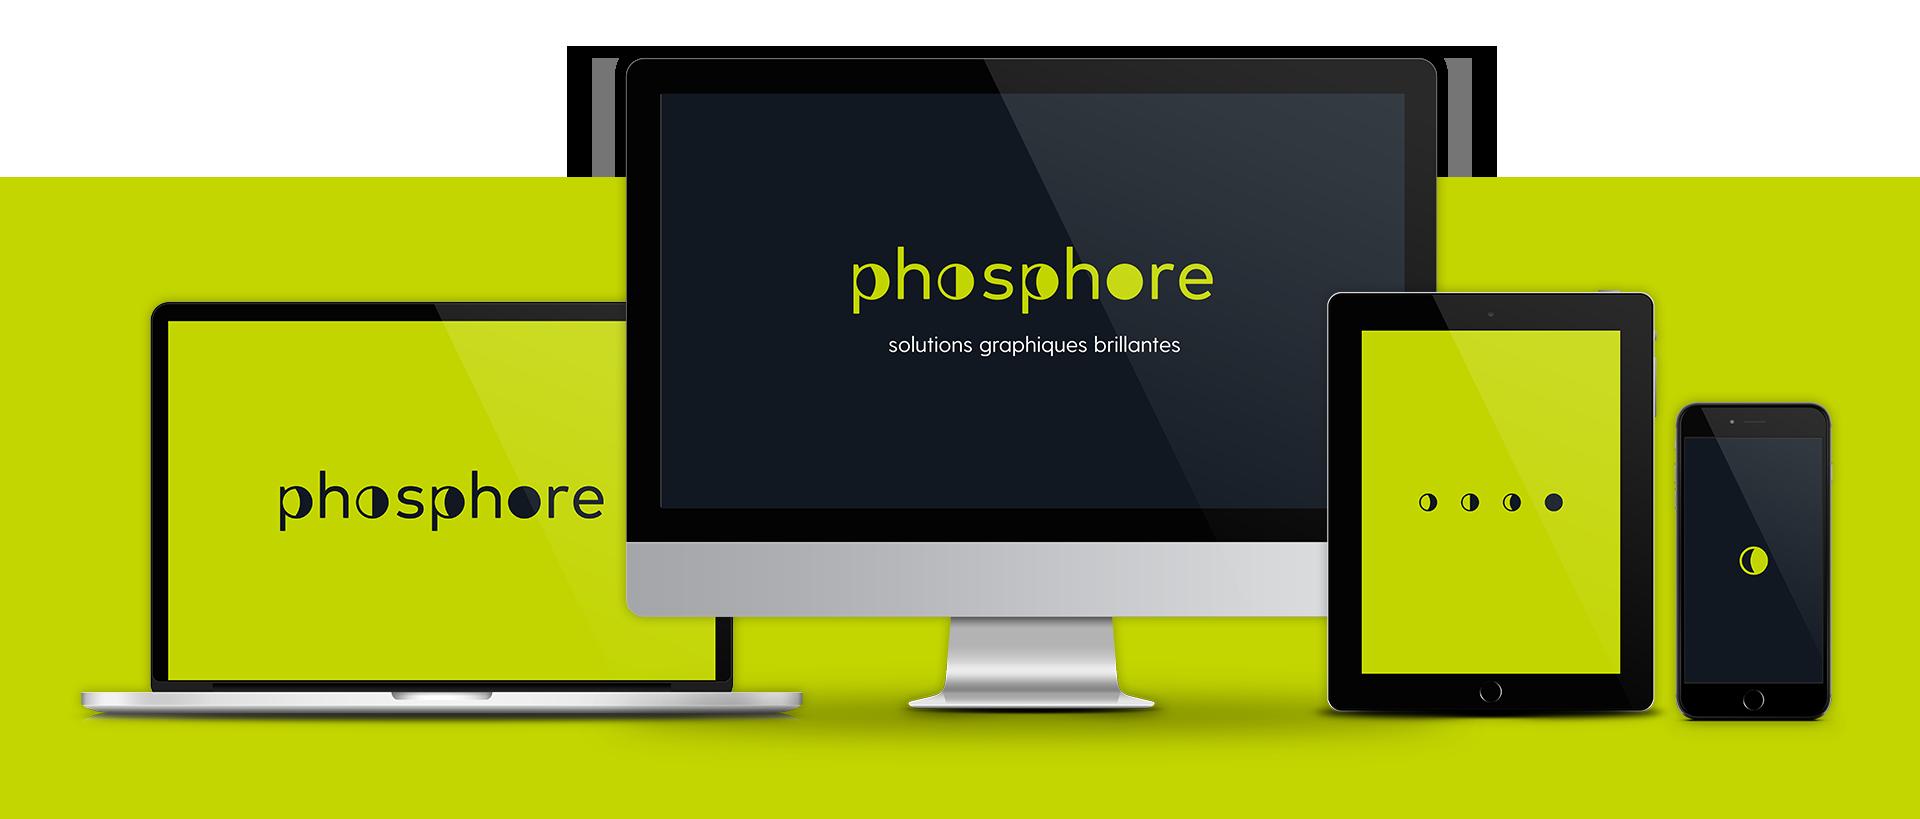 Variantes de logos cover image blog